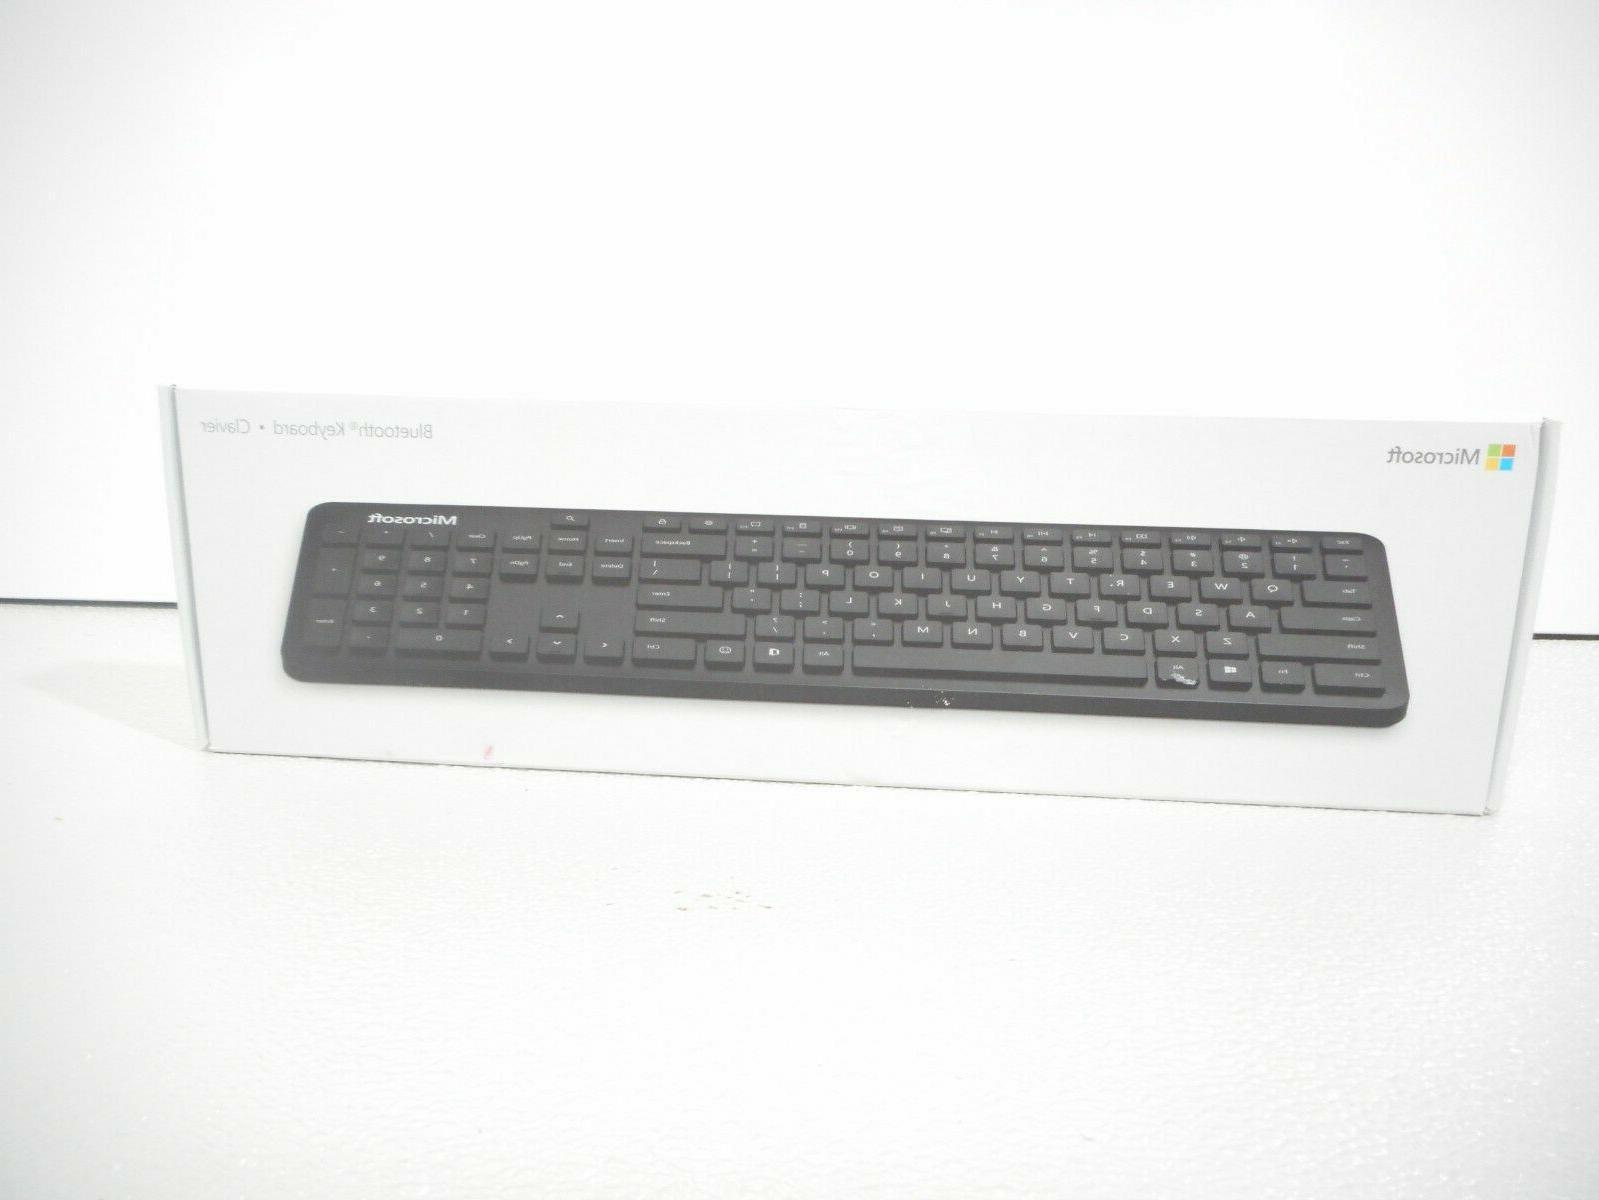 qsz 00001 ms bluetooth keyboard black qsz00001